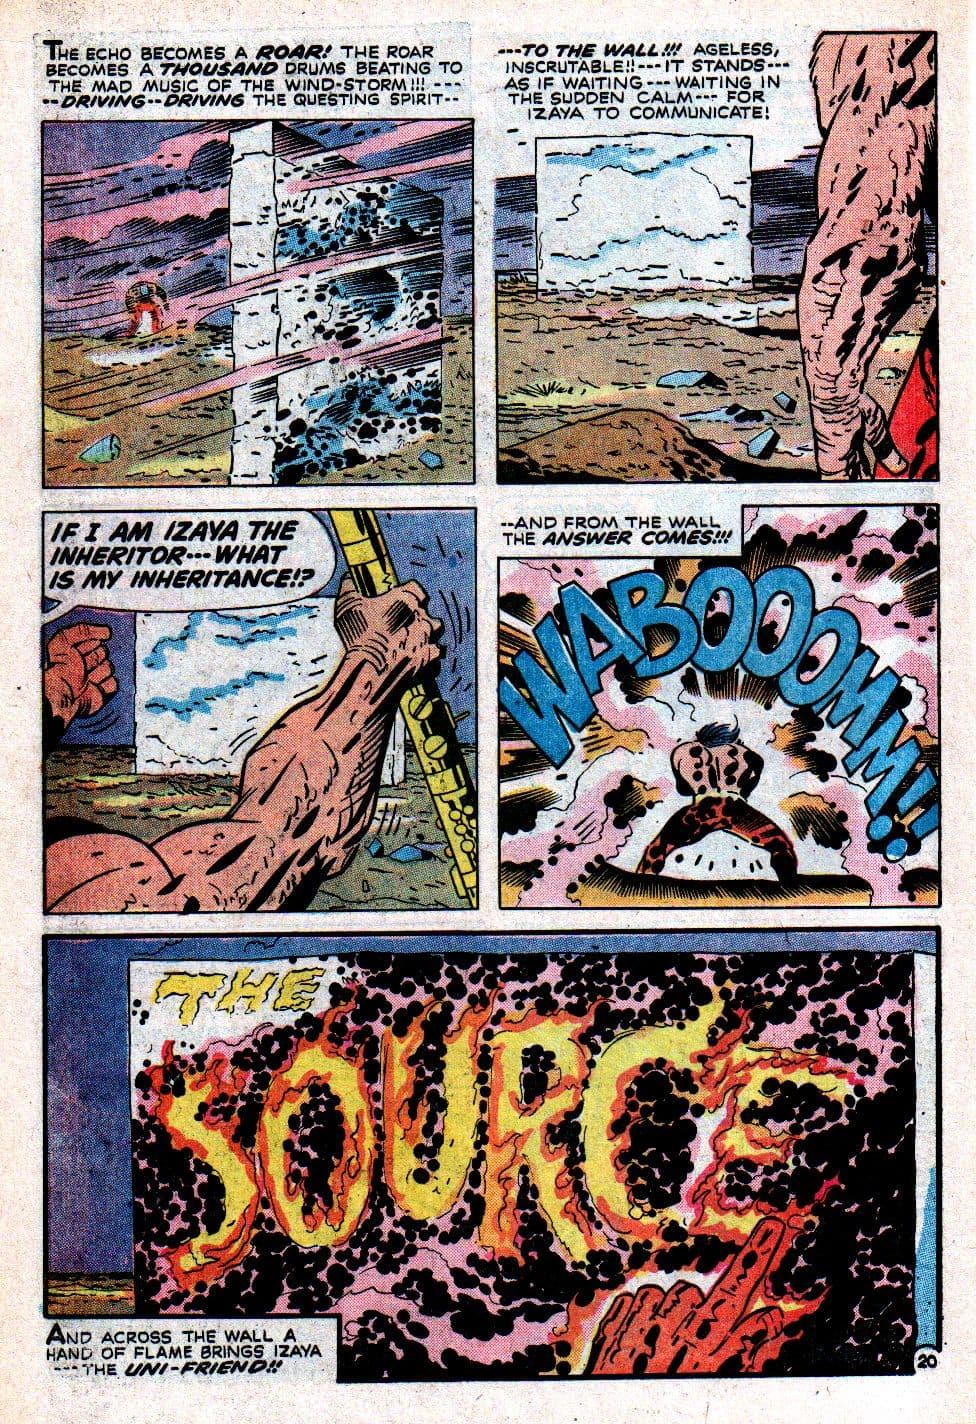 קומיקס של סופרמן שבו מופיעים הכותל ויד אלוהים – שכותבת על הכותל – בהתייחסות לספר דניאל (צילום: באדיבות רוי שוורץ)